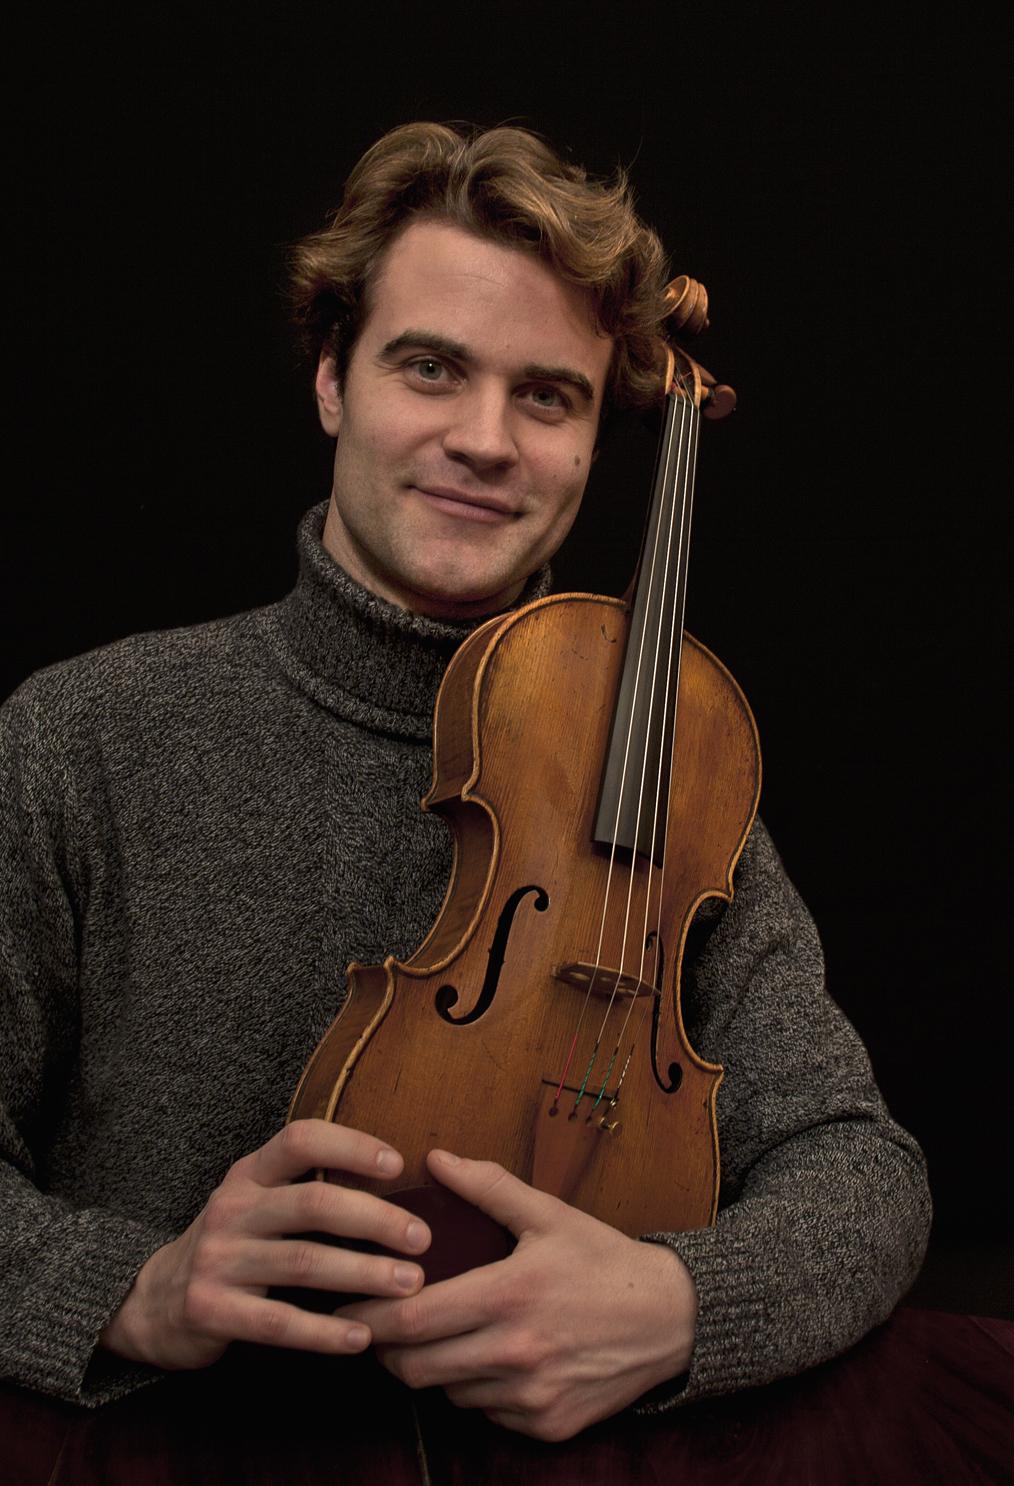 Jérémy Pasquier